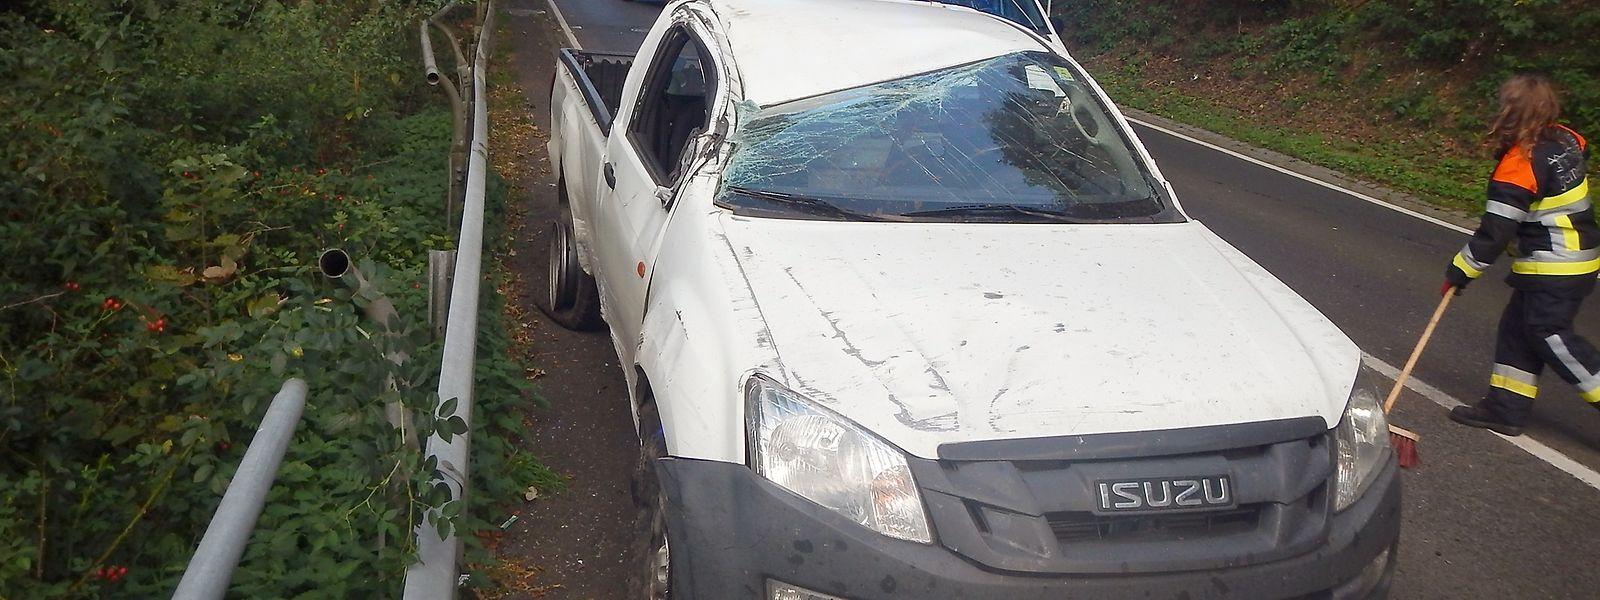 Auf der N18 von Clerveaux in Richtung Marnach war es am Sonntagnachmittag zu einem schweren Unfall mit einem Leichtverletzten gekommen.